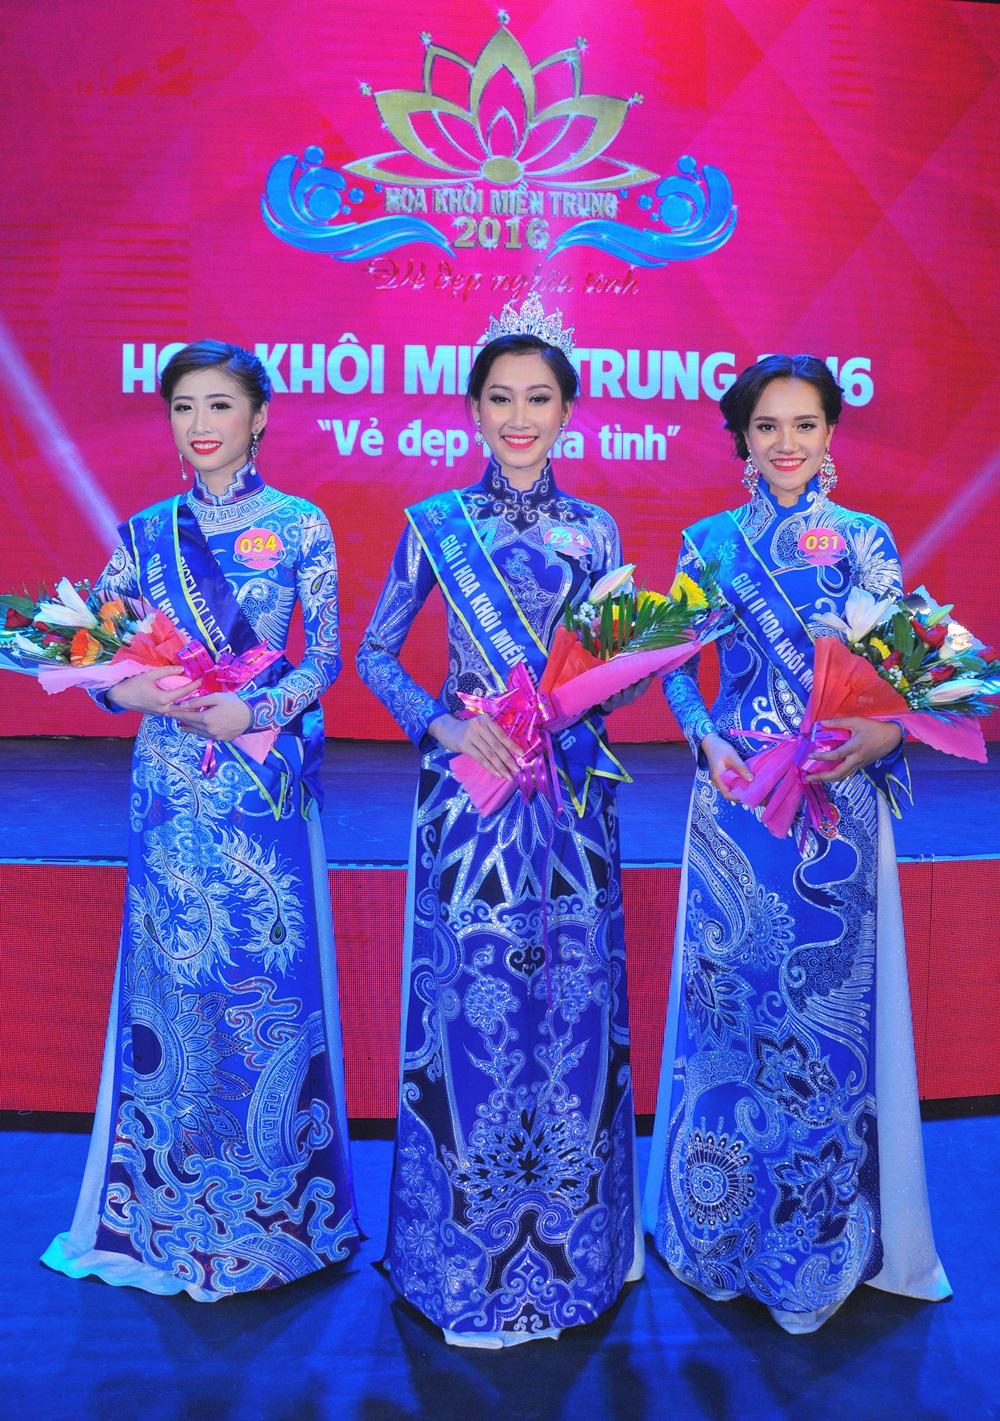 2016 l HOA KHÔI MIỀN TRUNG l ĐOÀN HỒNG TRANG Hoa-khoi-doan-hong-trang-09